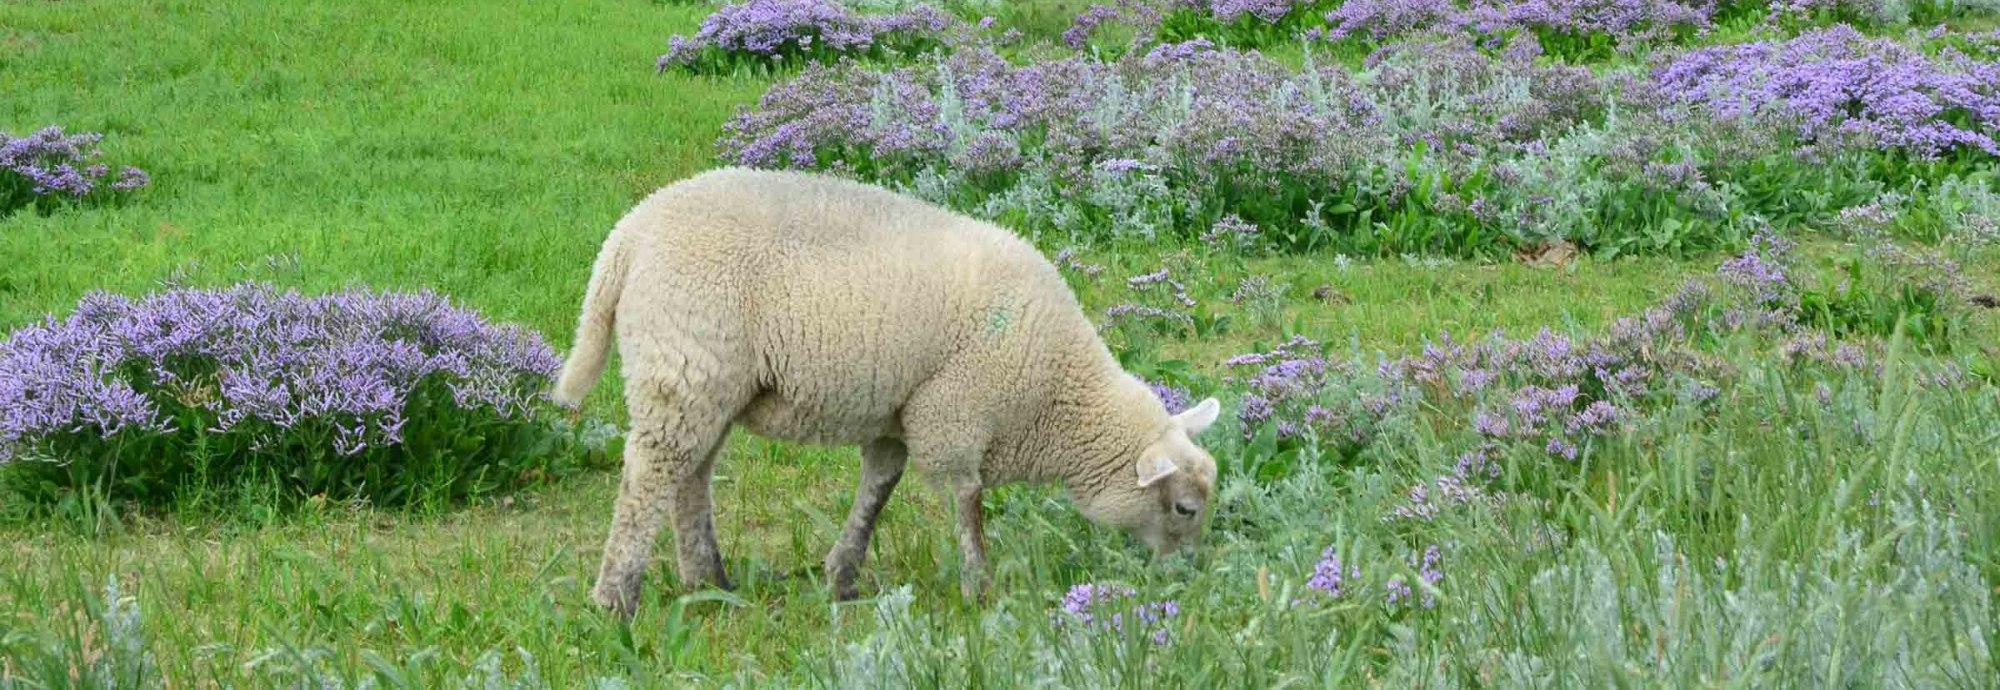 Halligflieder und Schafe auf Amrum, © KQuedens